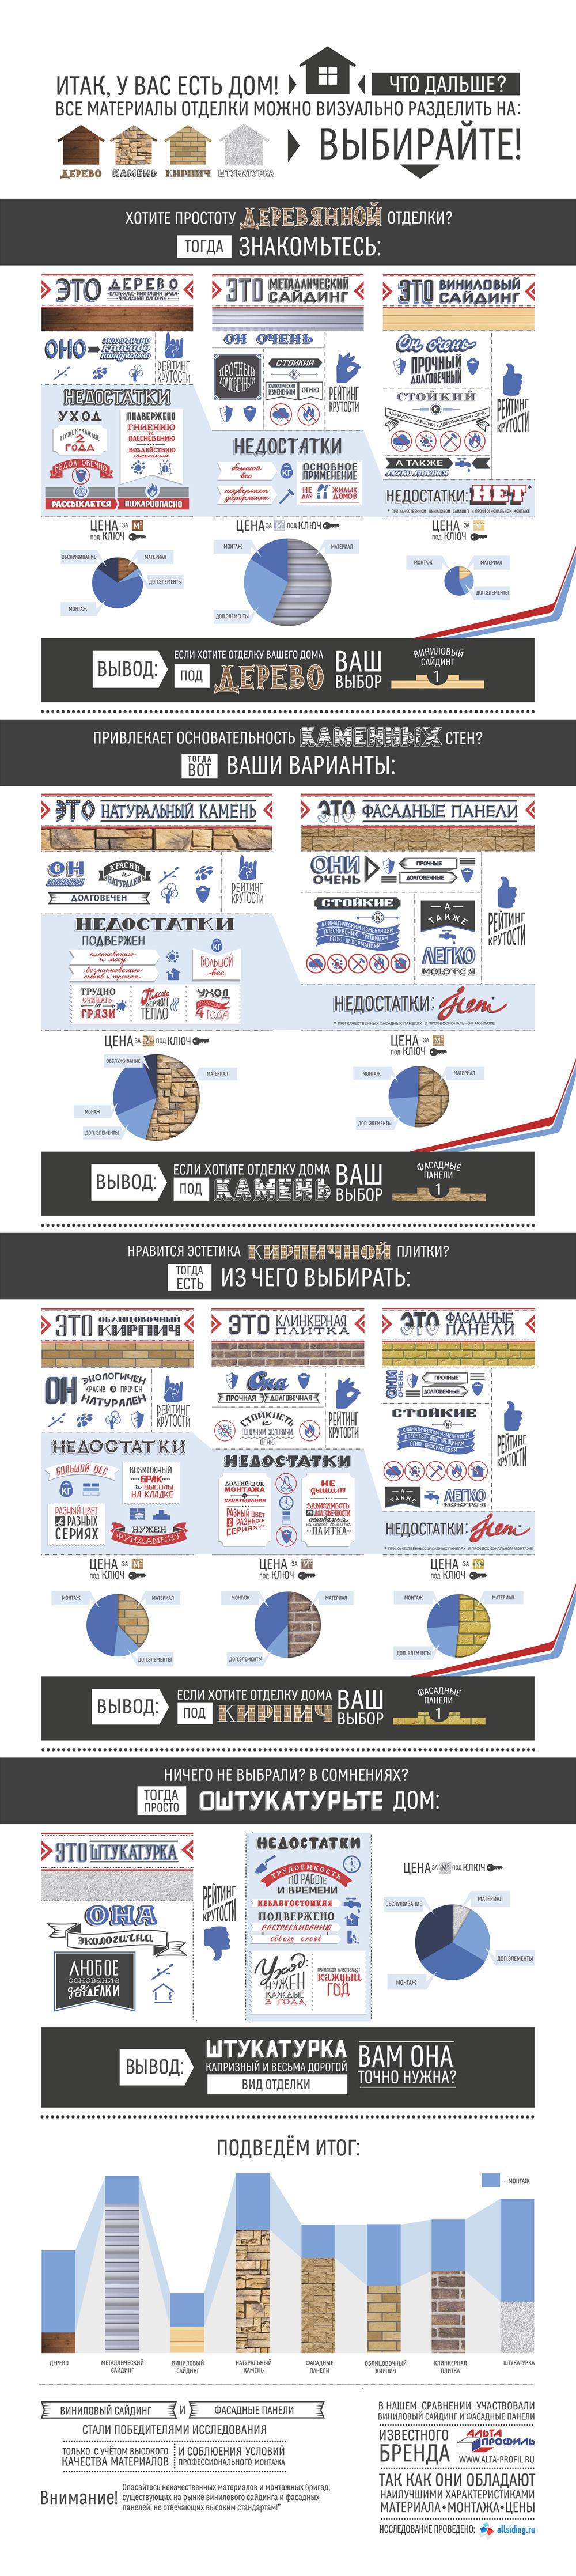 Сайт allsiding.ru использует инфографику для сравнения отделочных материалов